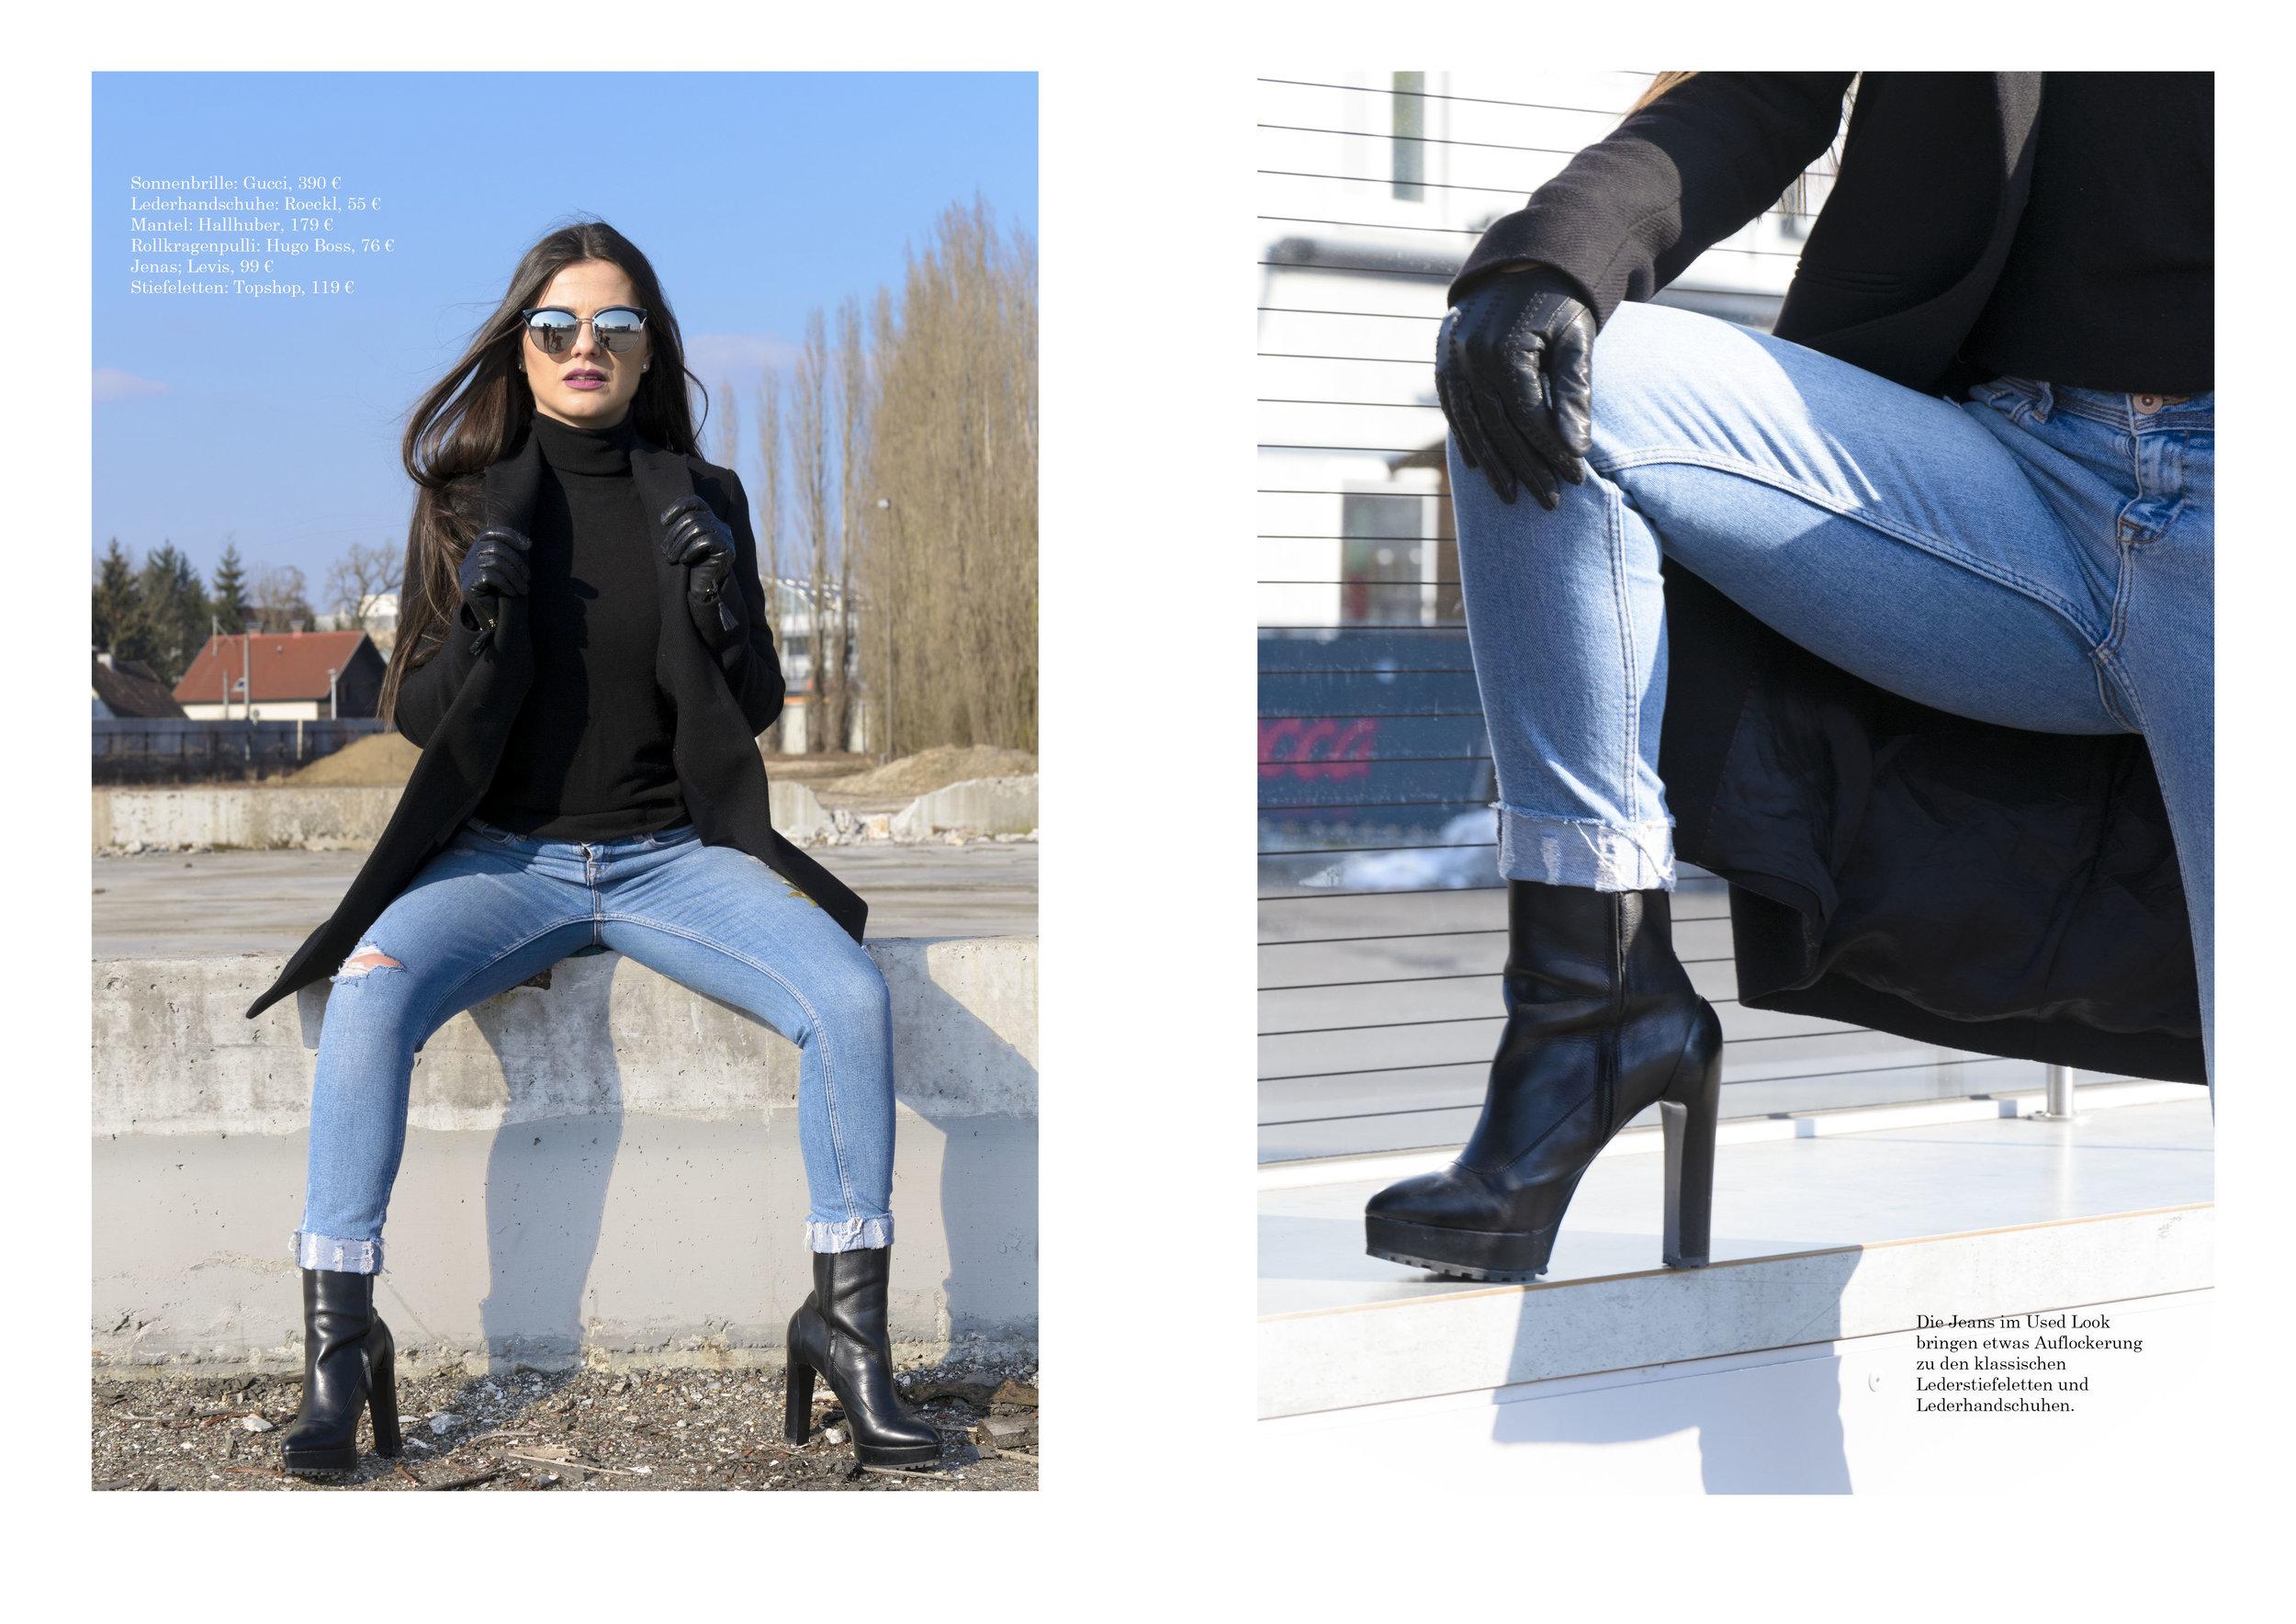 Fashioneditorial.jpg